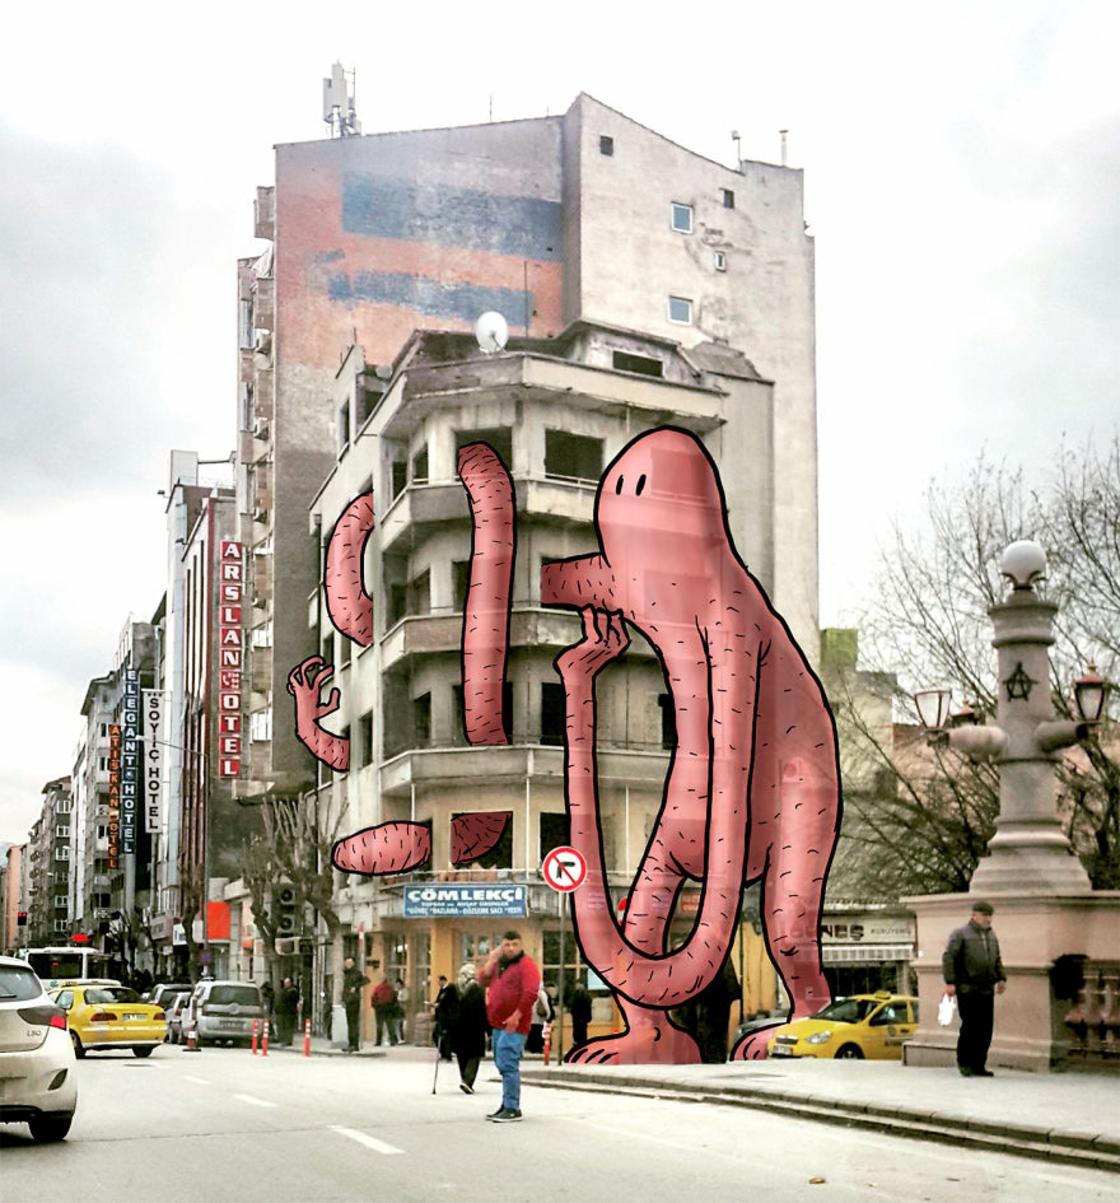 """lilliput series keles monstre immeuble photo - L'illustrateur Hakan Keleş fait entrer des géants dans la ville avec """"Lilliput series"""""""